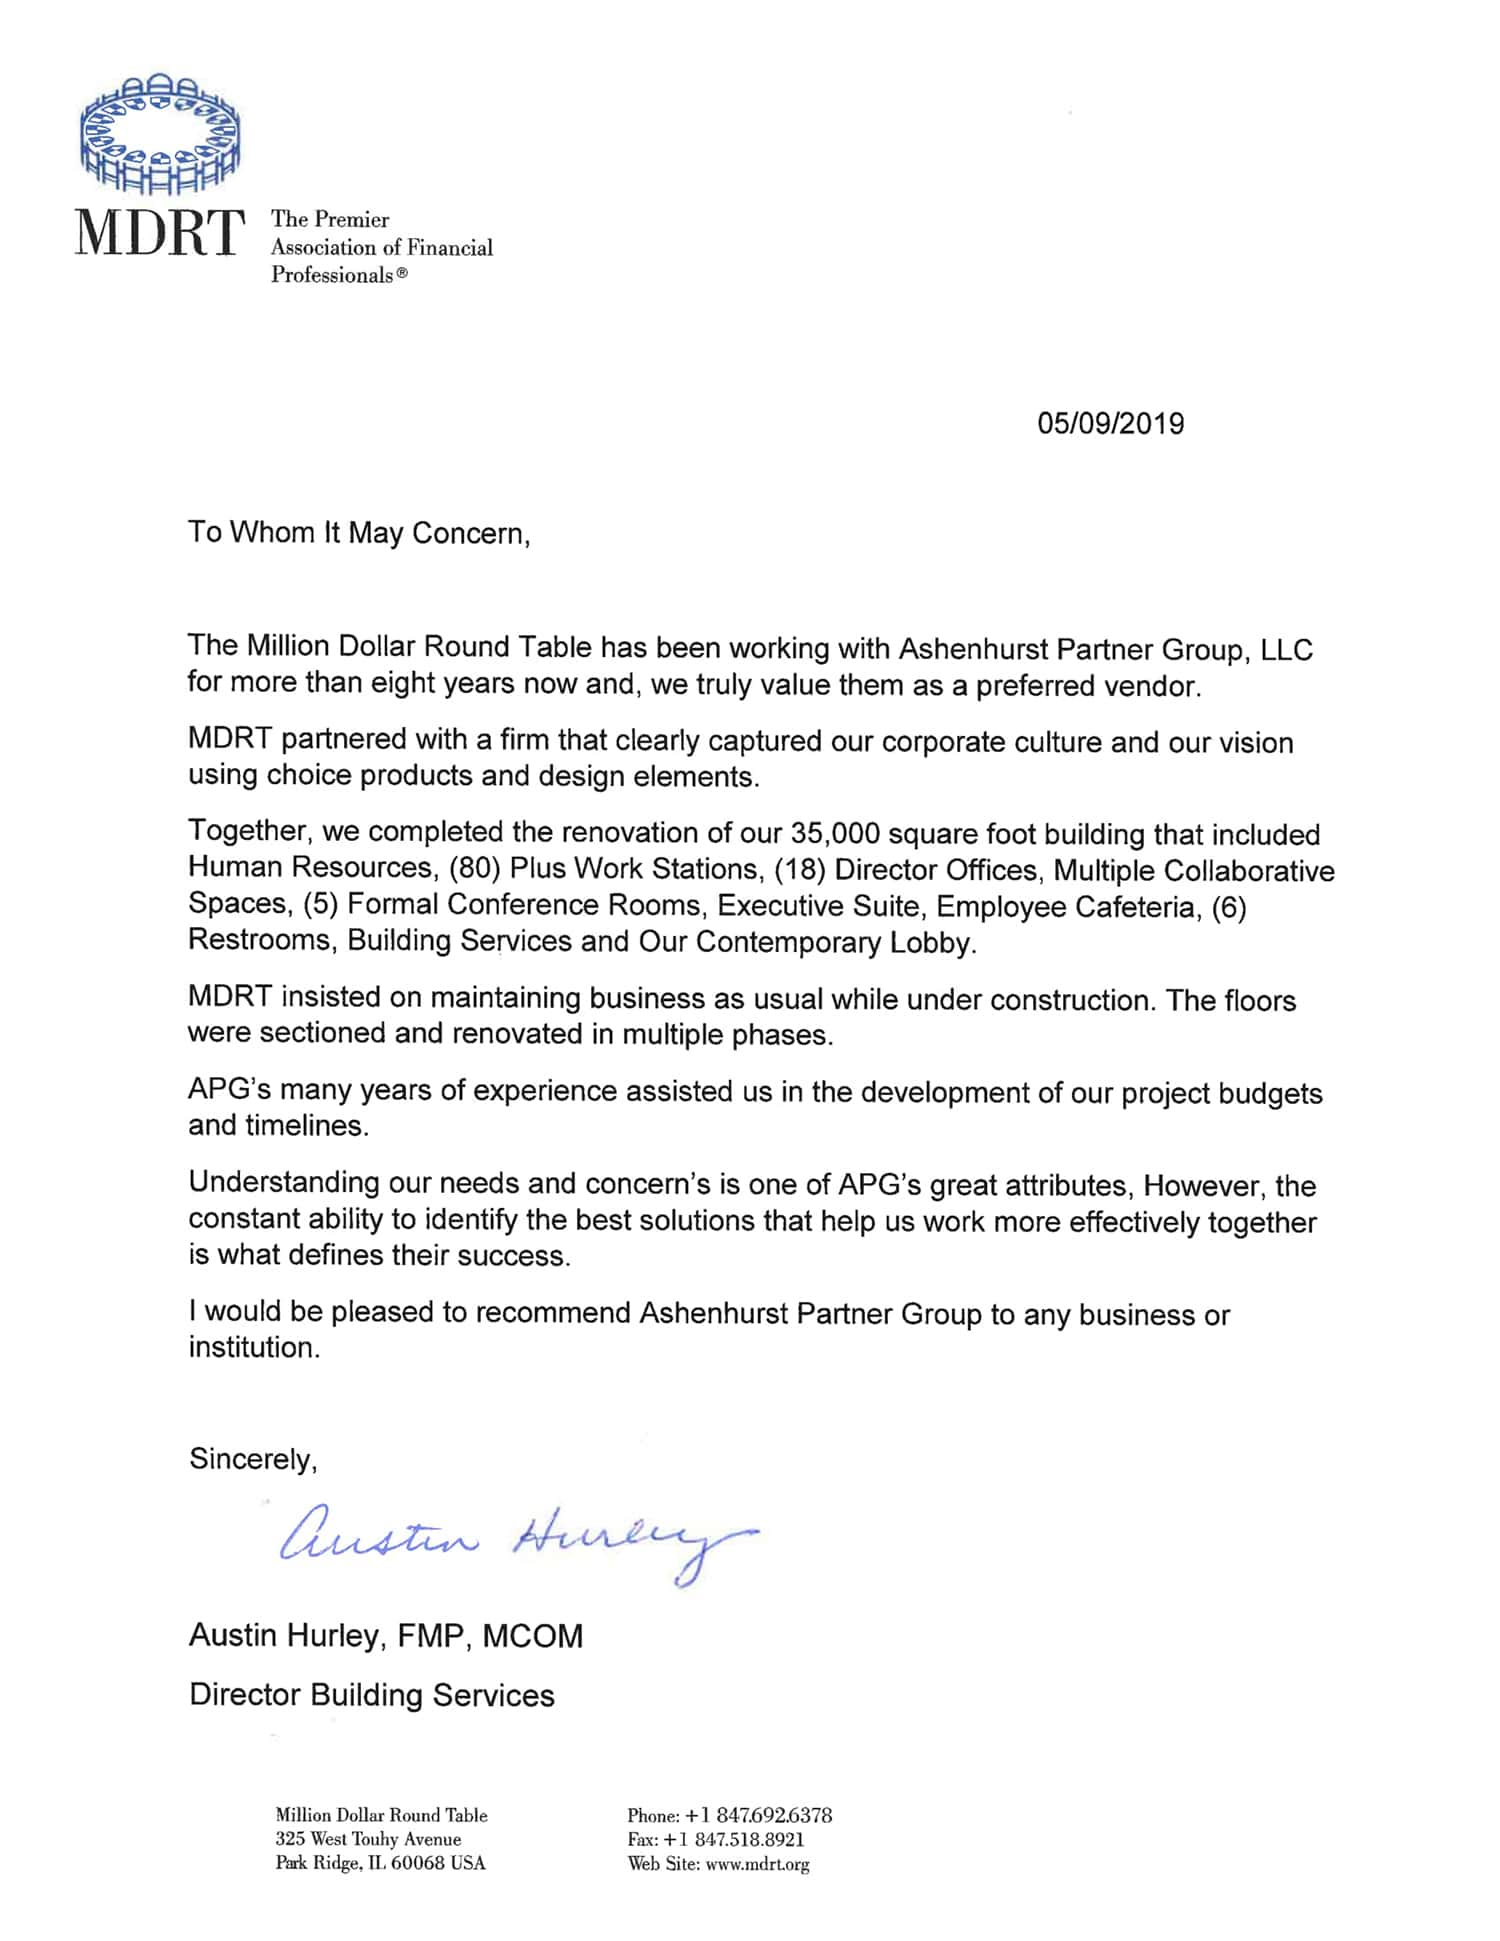 Ashenhurst Partner Group - MDRT Testimonial